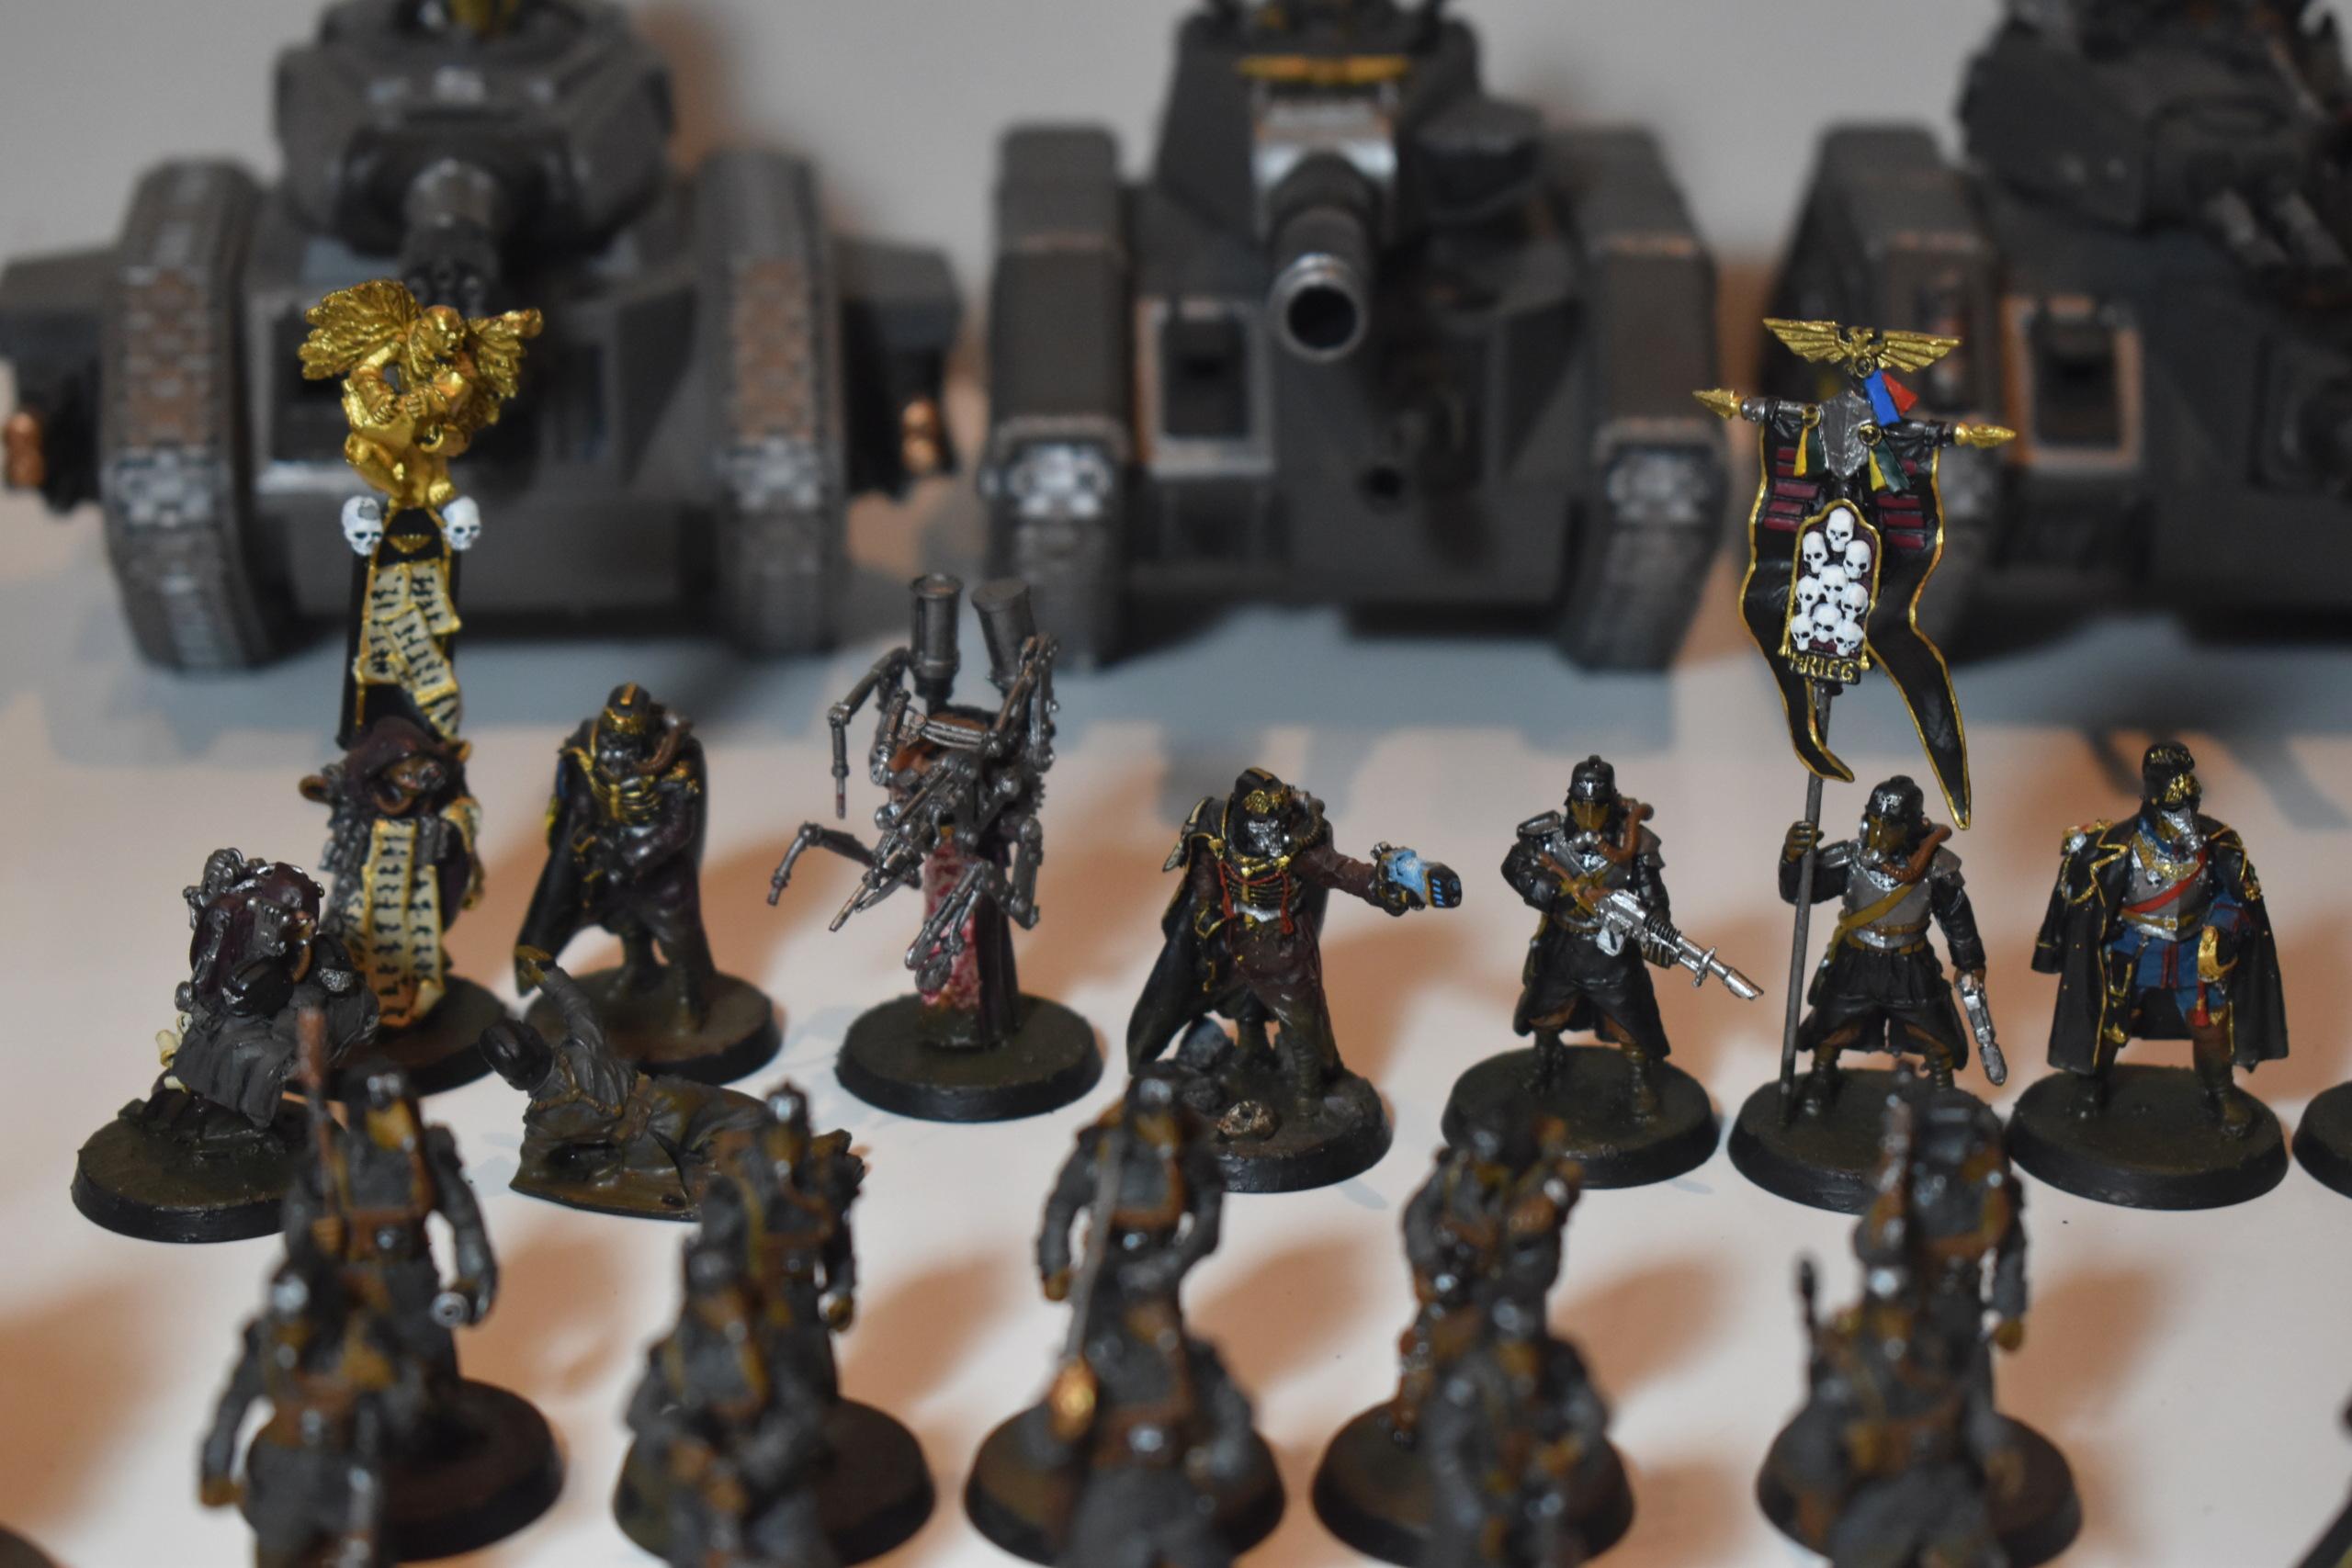 Les Armées de Nico. (Battle, 40K & HH) - Page 6 Dsc_0246